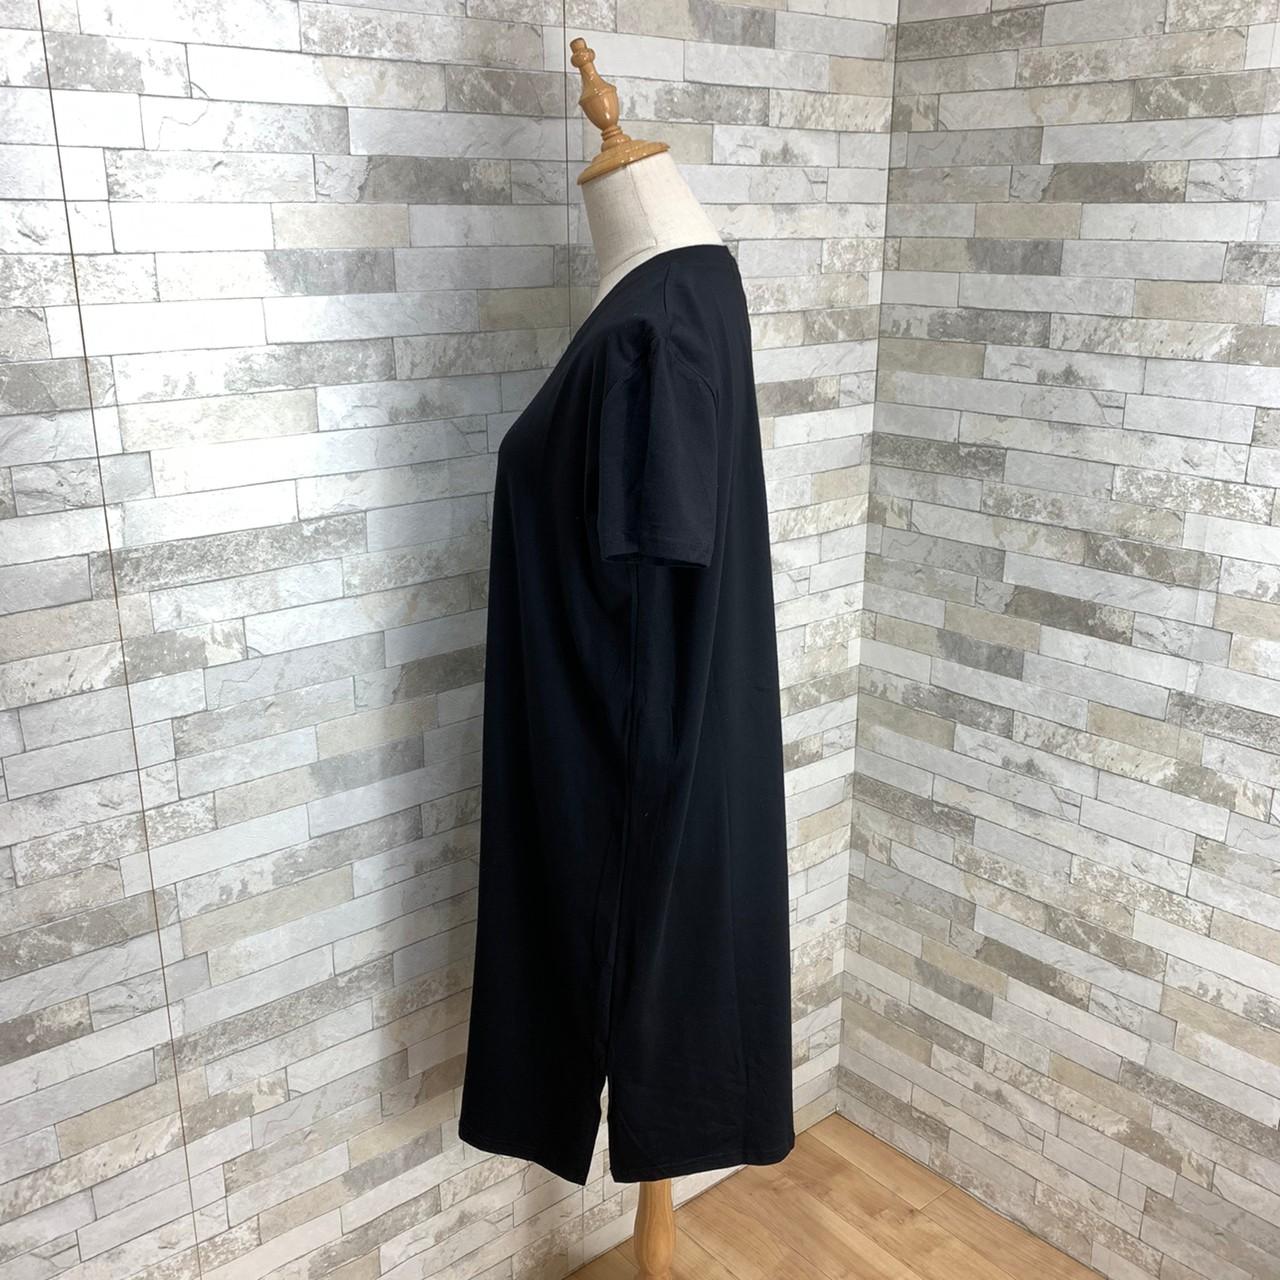 韓国 ファッション ワンピース 春 夏 秋 カジュアル PTXH669  Vネック スポーティ シンプル リラクシー オルチャン シンプル 定番 セレカジの写真4枚目